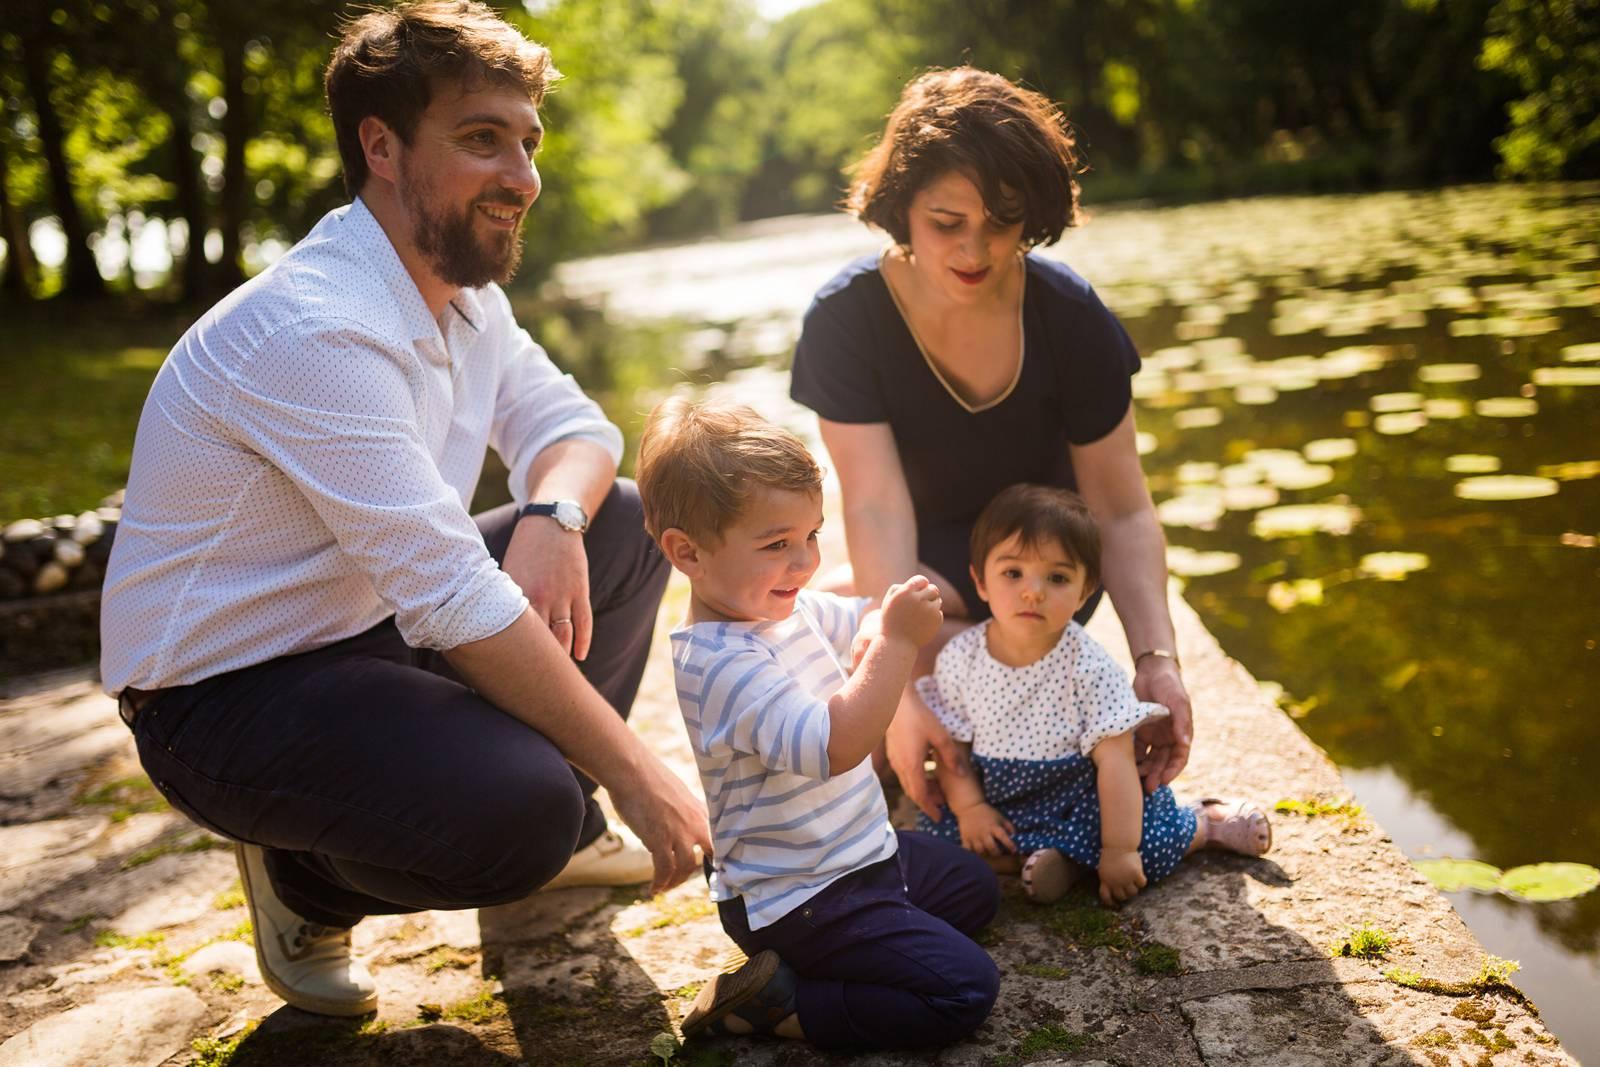 Des photos de famille joyeuses et naturelles au Parc Majolan de Blanquefort pour le premier anniversaire de la dernière. Alexandre Roschewitz Photographies